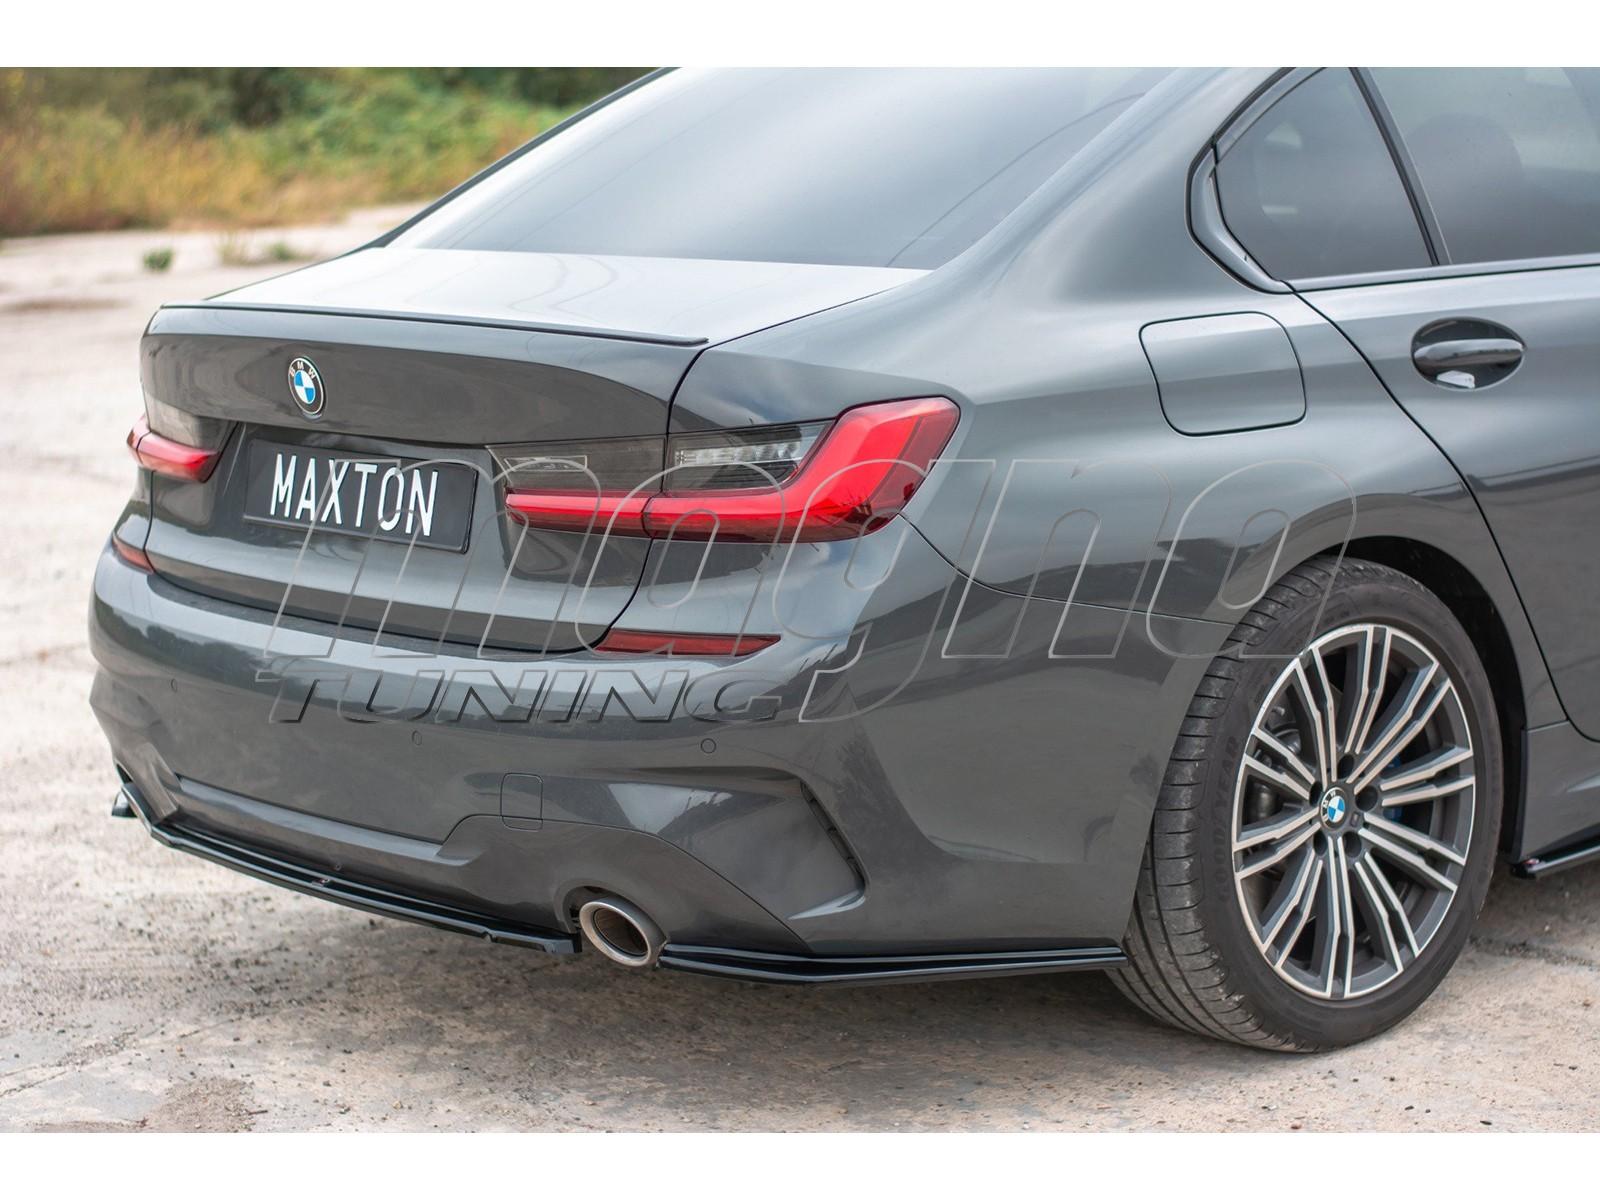 BMW G20 MX Body Kit